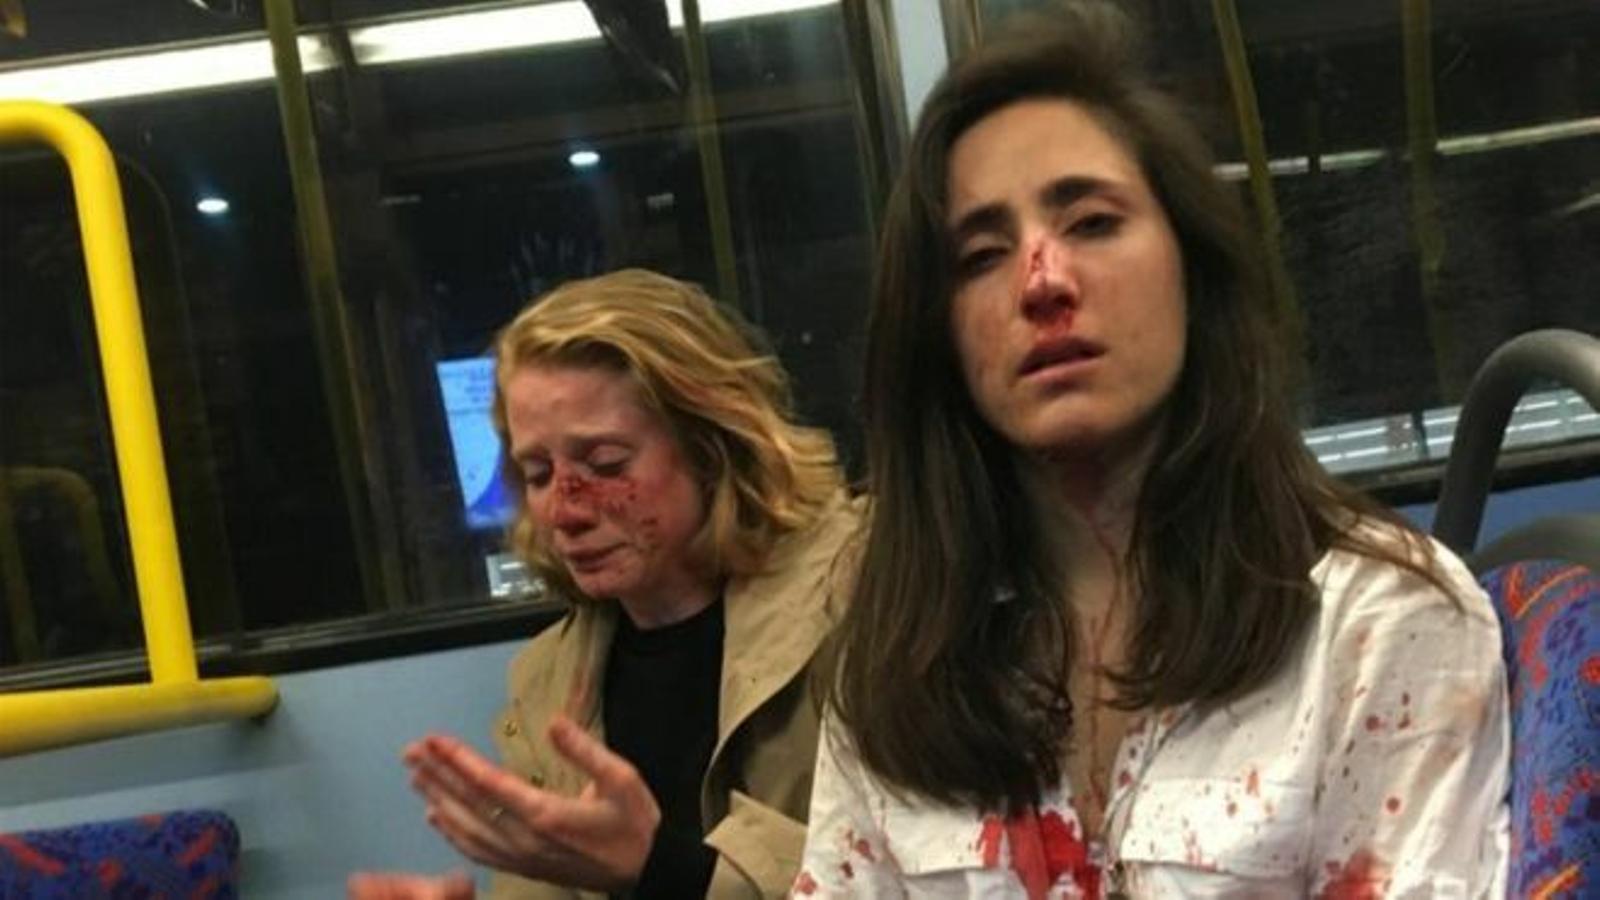 Imatge que una de les joves agredides va publicar al seu compte personal de Facebook per denunciar l'atac.